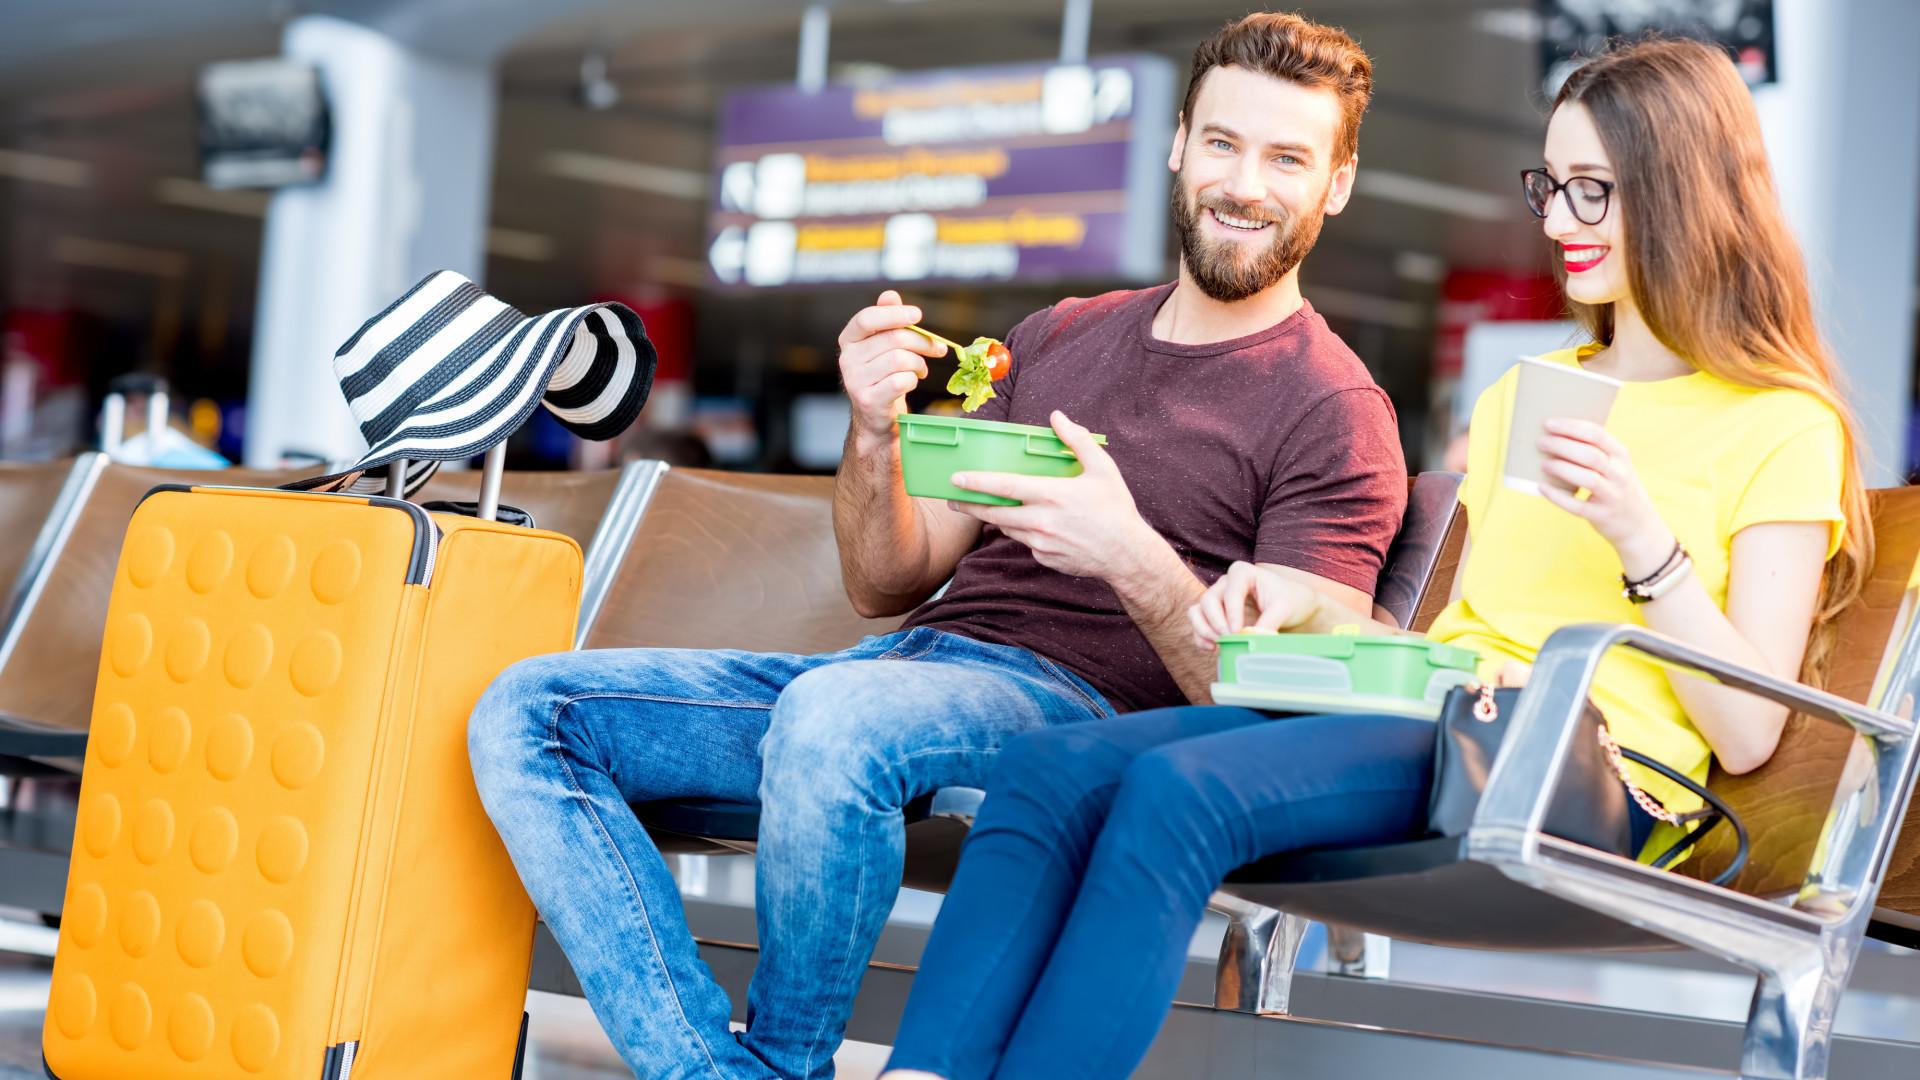 De viagem? Saiba quais são os alimentos que deve comer quando voa